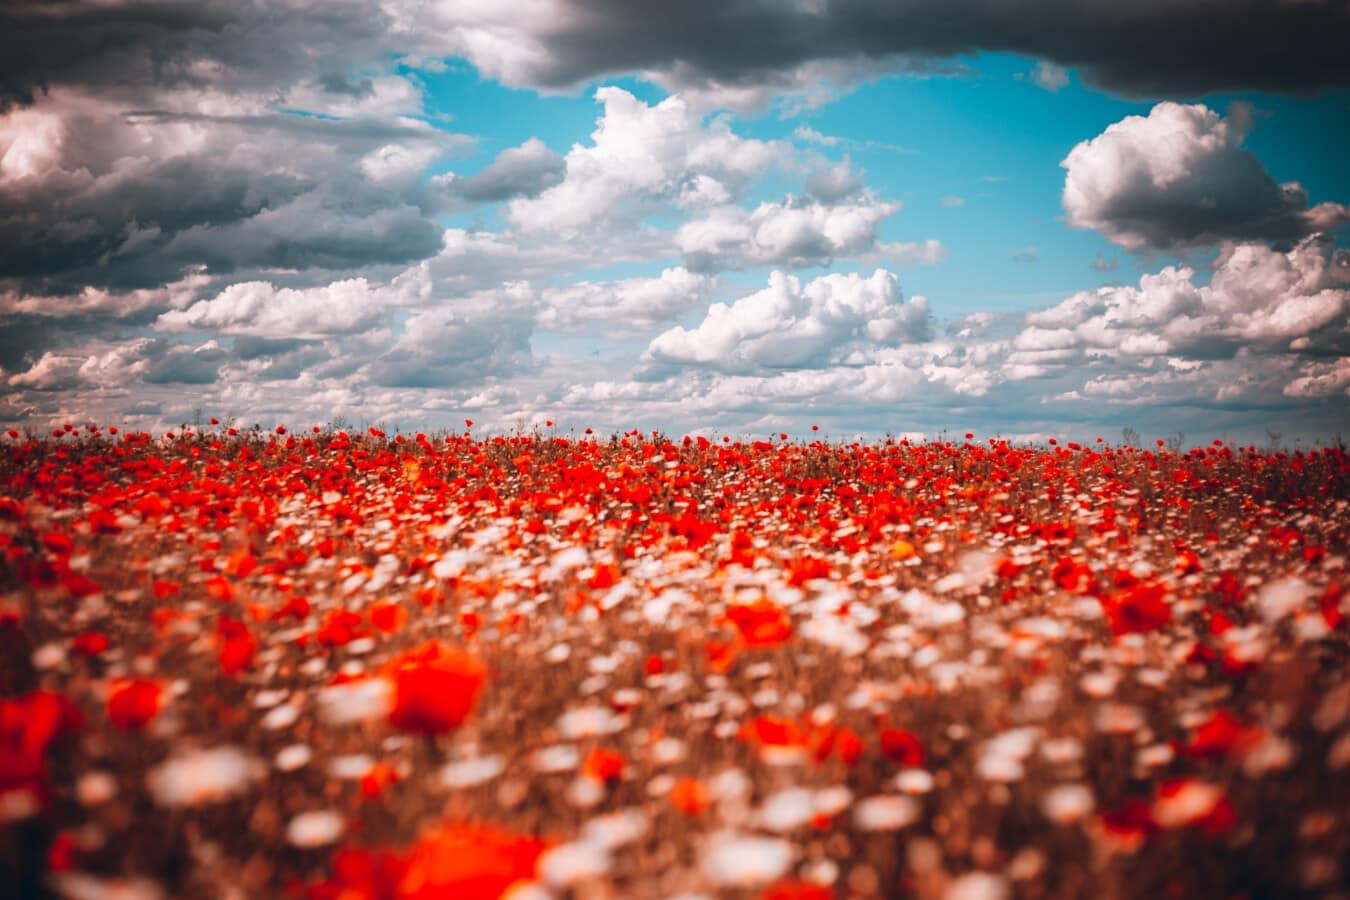 dramatisch, Wolken, Landwirtschaft, Feld, Blumen, Mohn, Blume, Natur, hell, Blatt